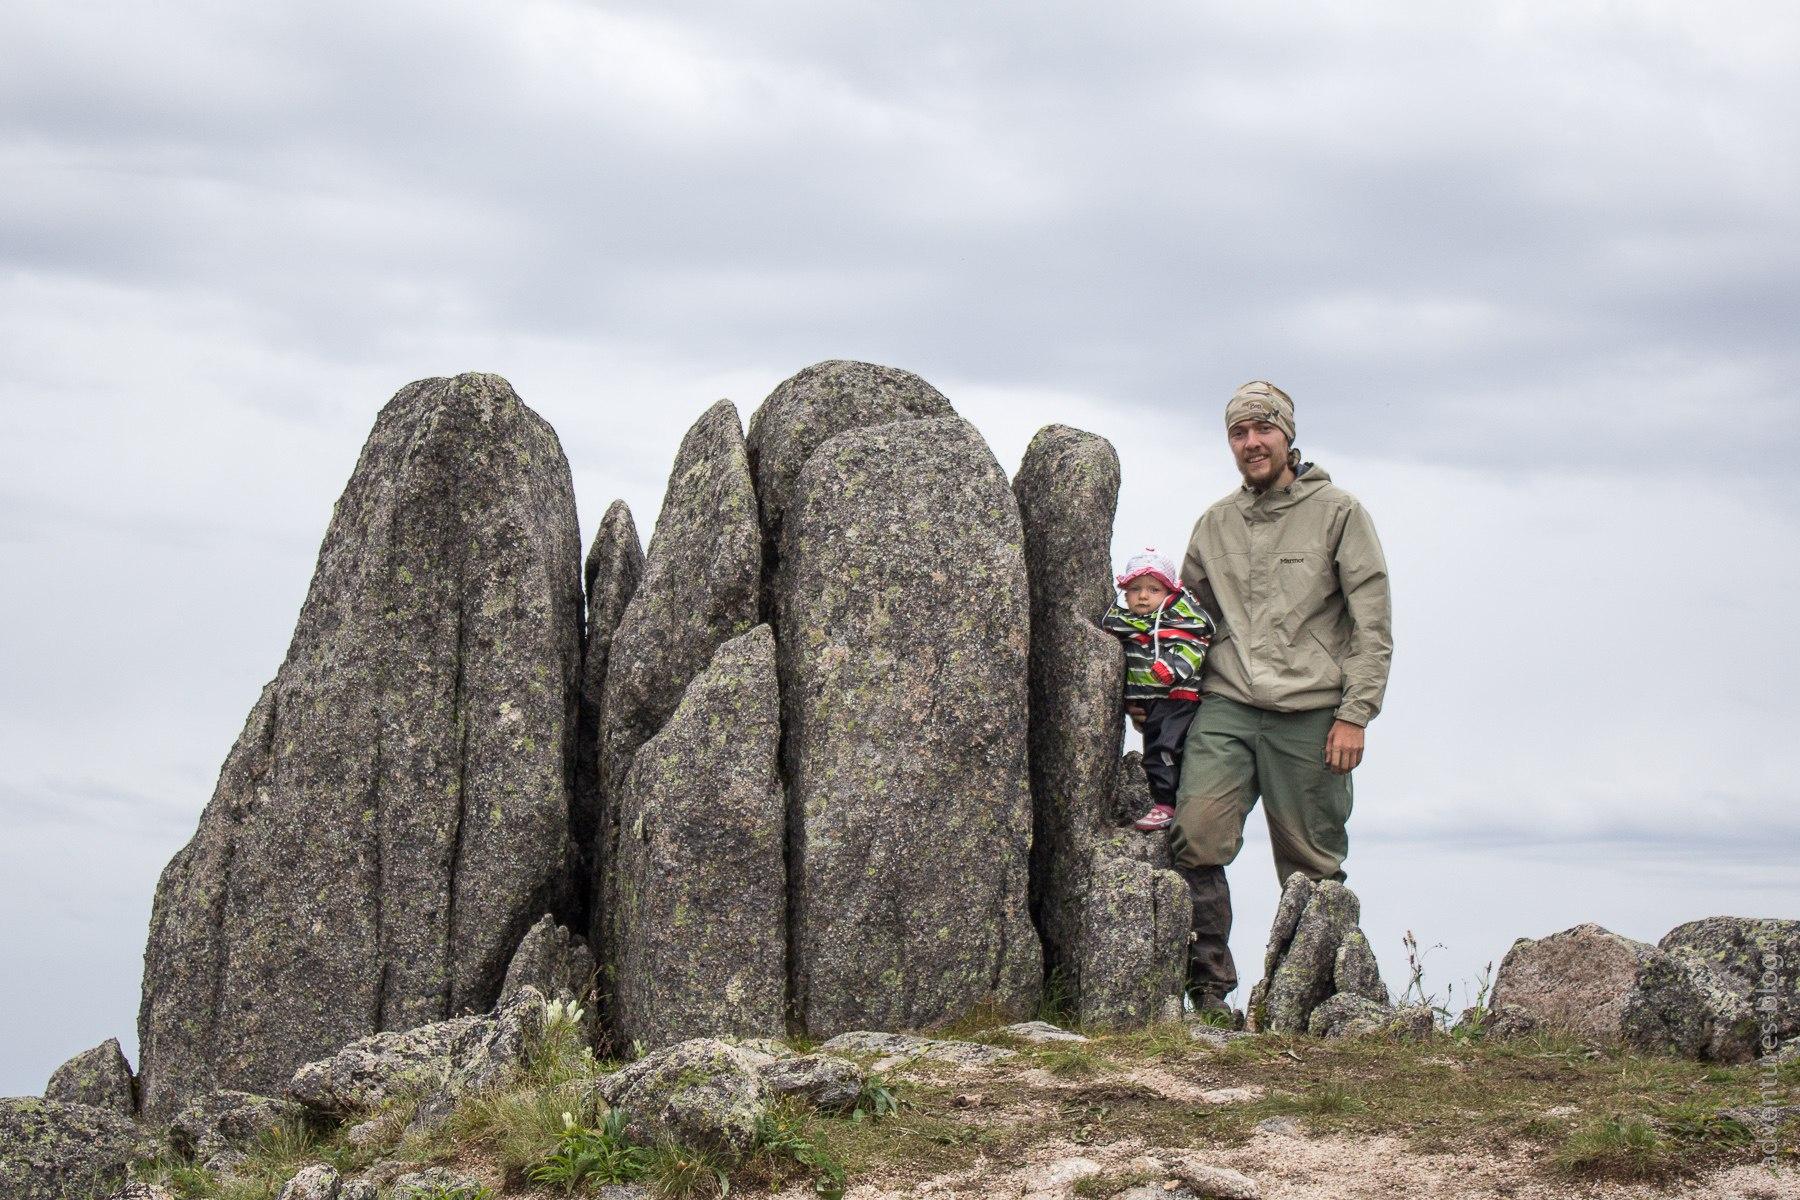 Эти скалы мне показались на уменьшенную копию нашей скалы Перья на столбах